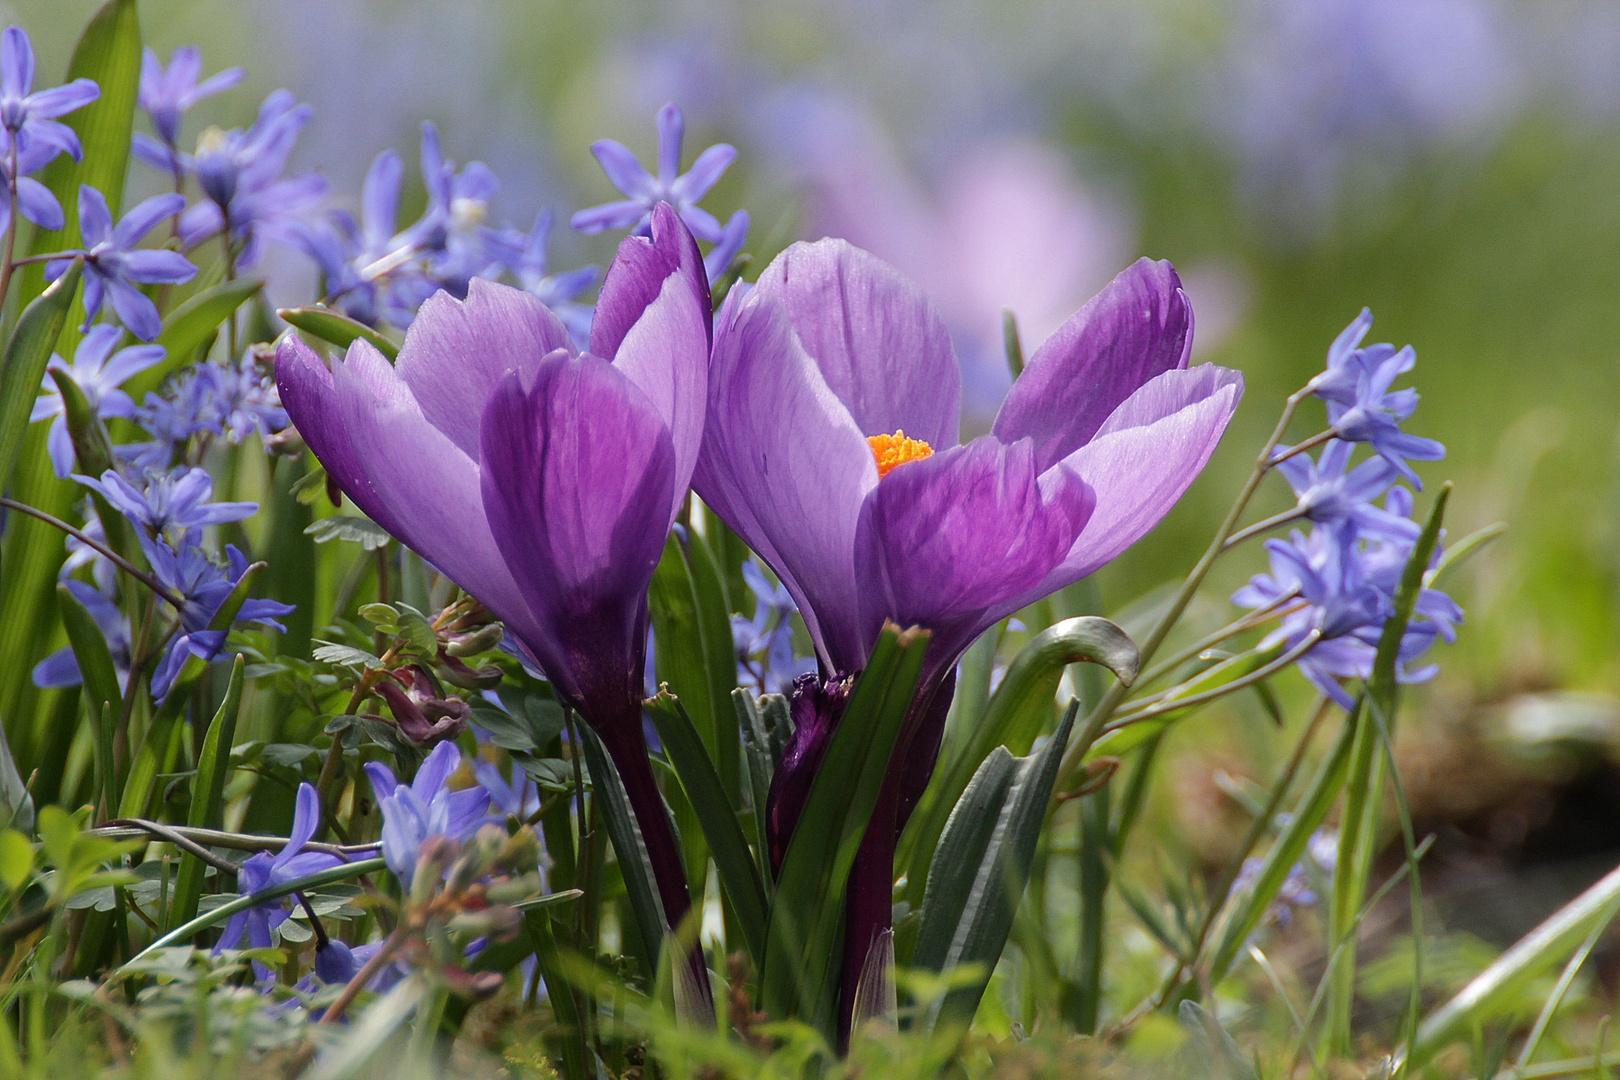 Krokus und Blaustern (Scilla)